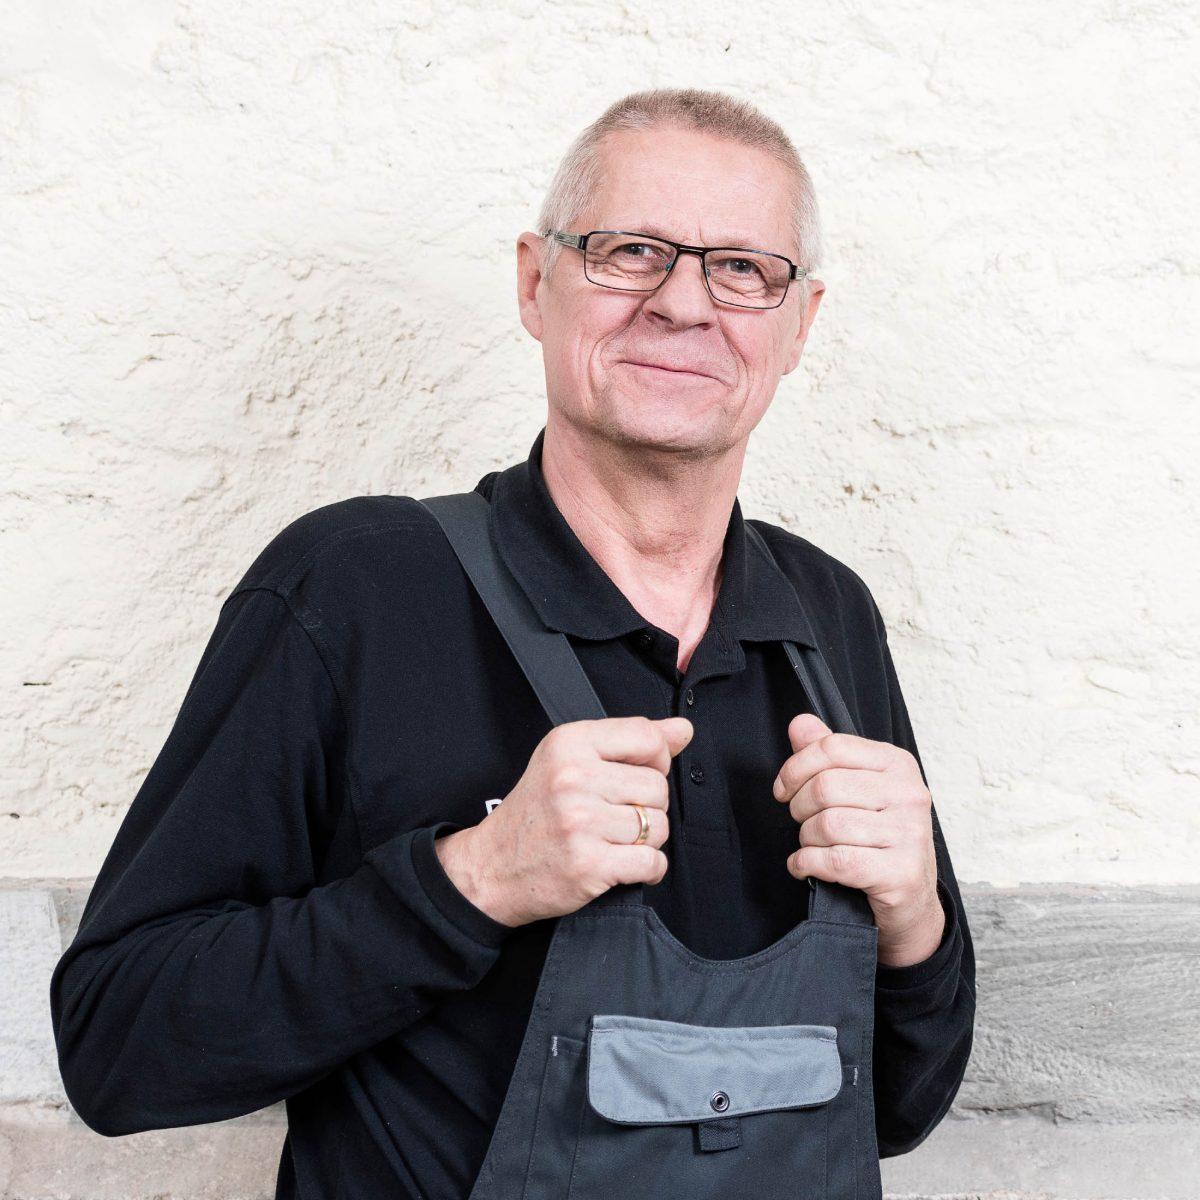 Karl-Ernst Heinze